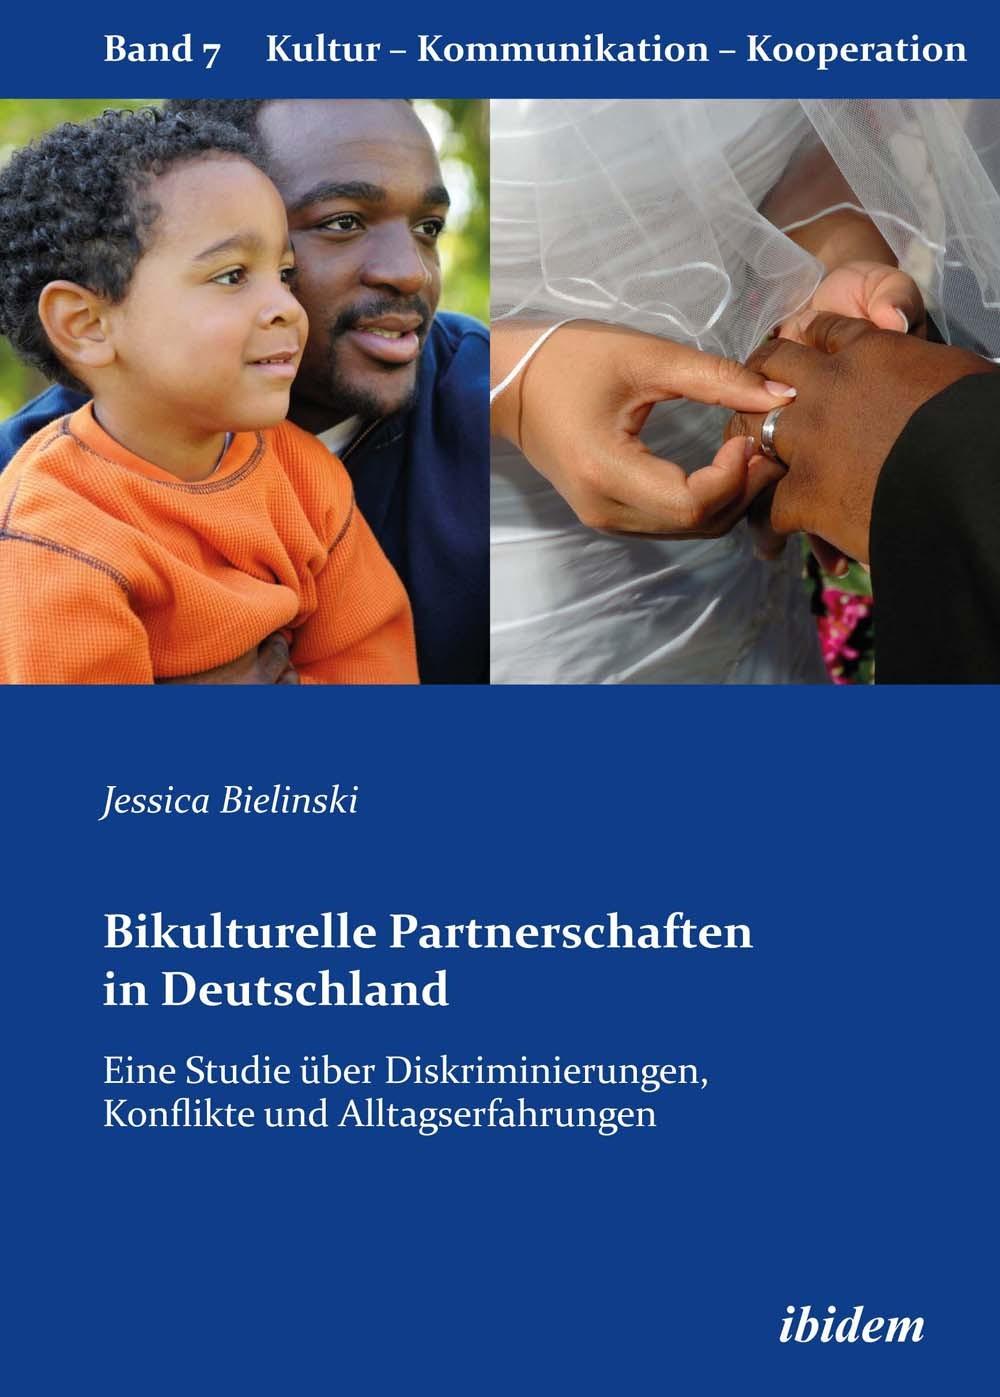 Bikulturelle Partnerschaften in Deutschland